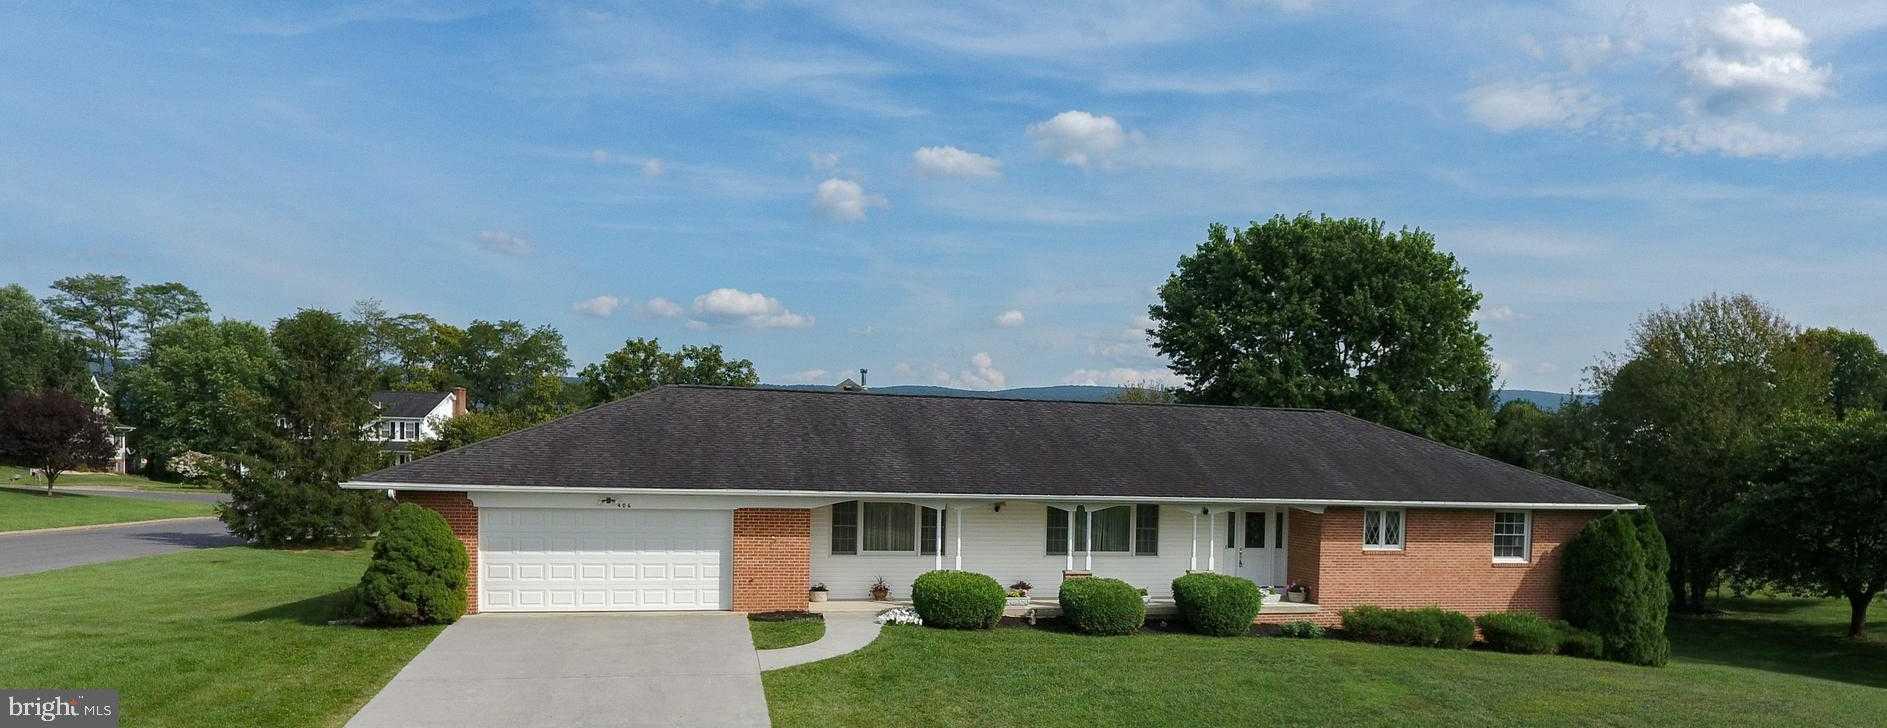 Homes For Sale - Sager Real Estate